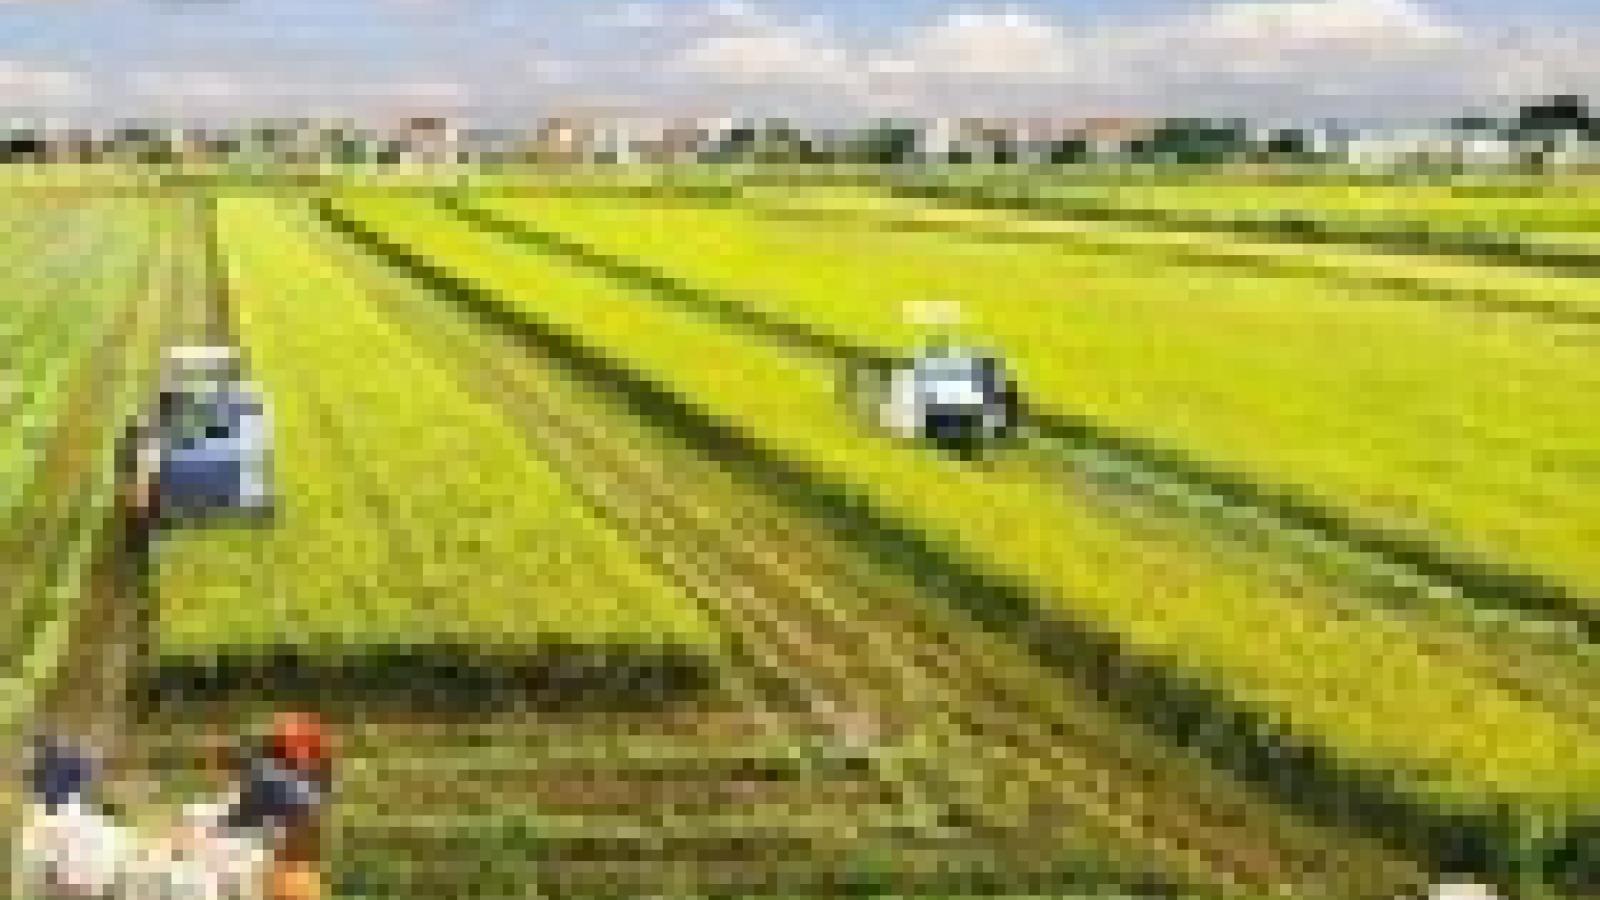 Chủ trương miễn thuế đất nông nghiệp: Không thể miễn giảm tràn lan